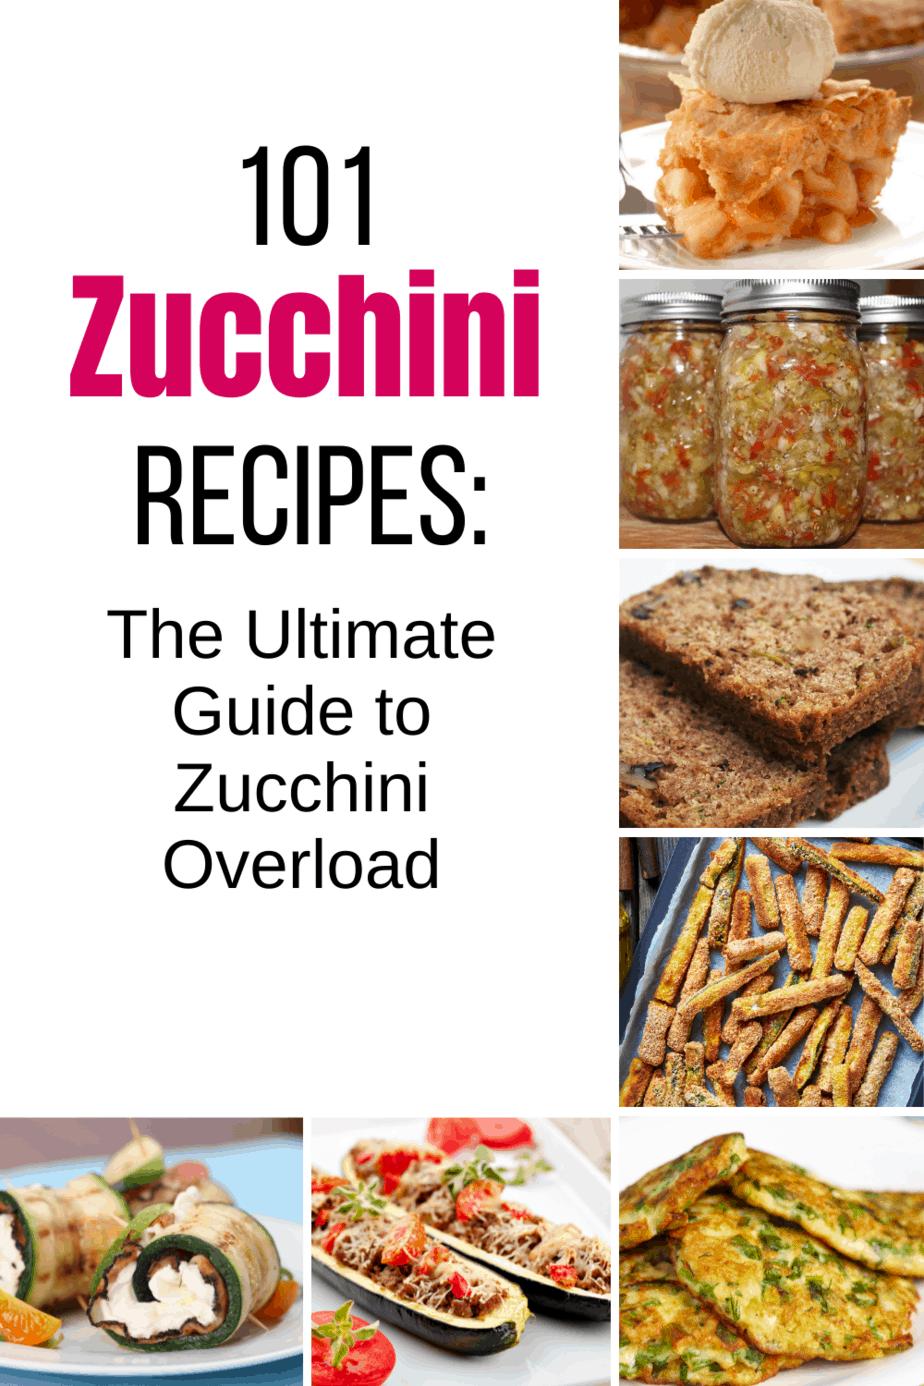 101 Zucchini Recipes: The Ultimate Guide to Zucchini Overload